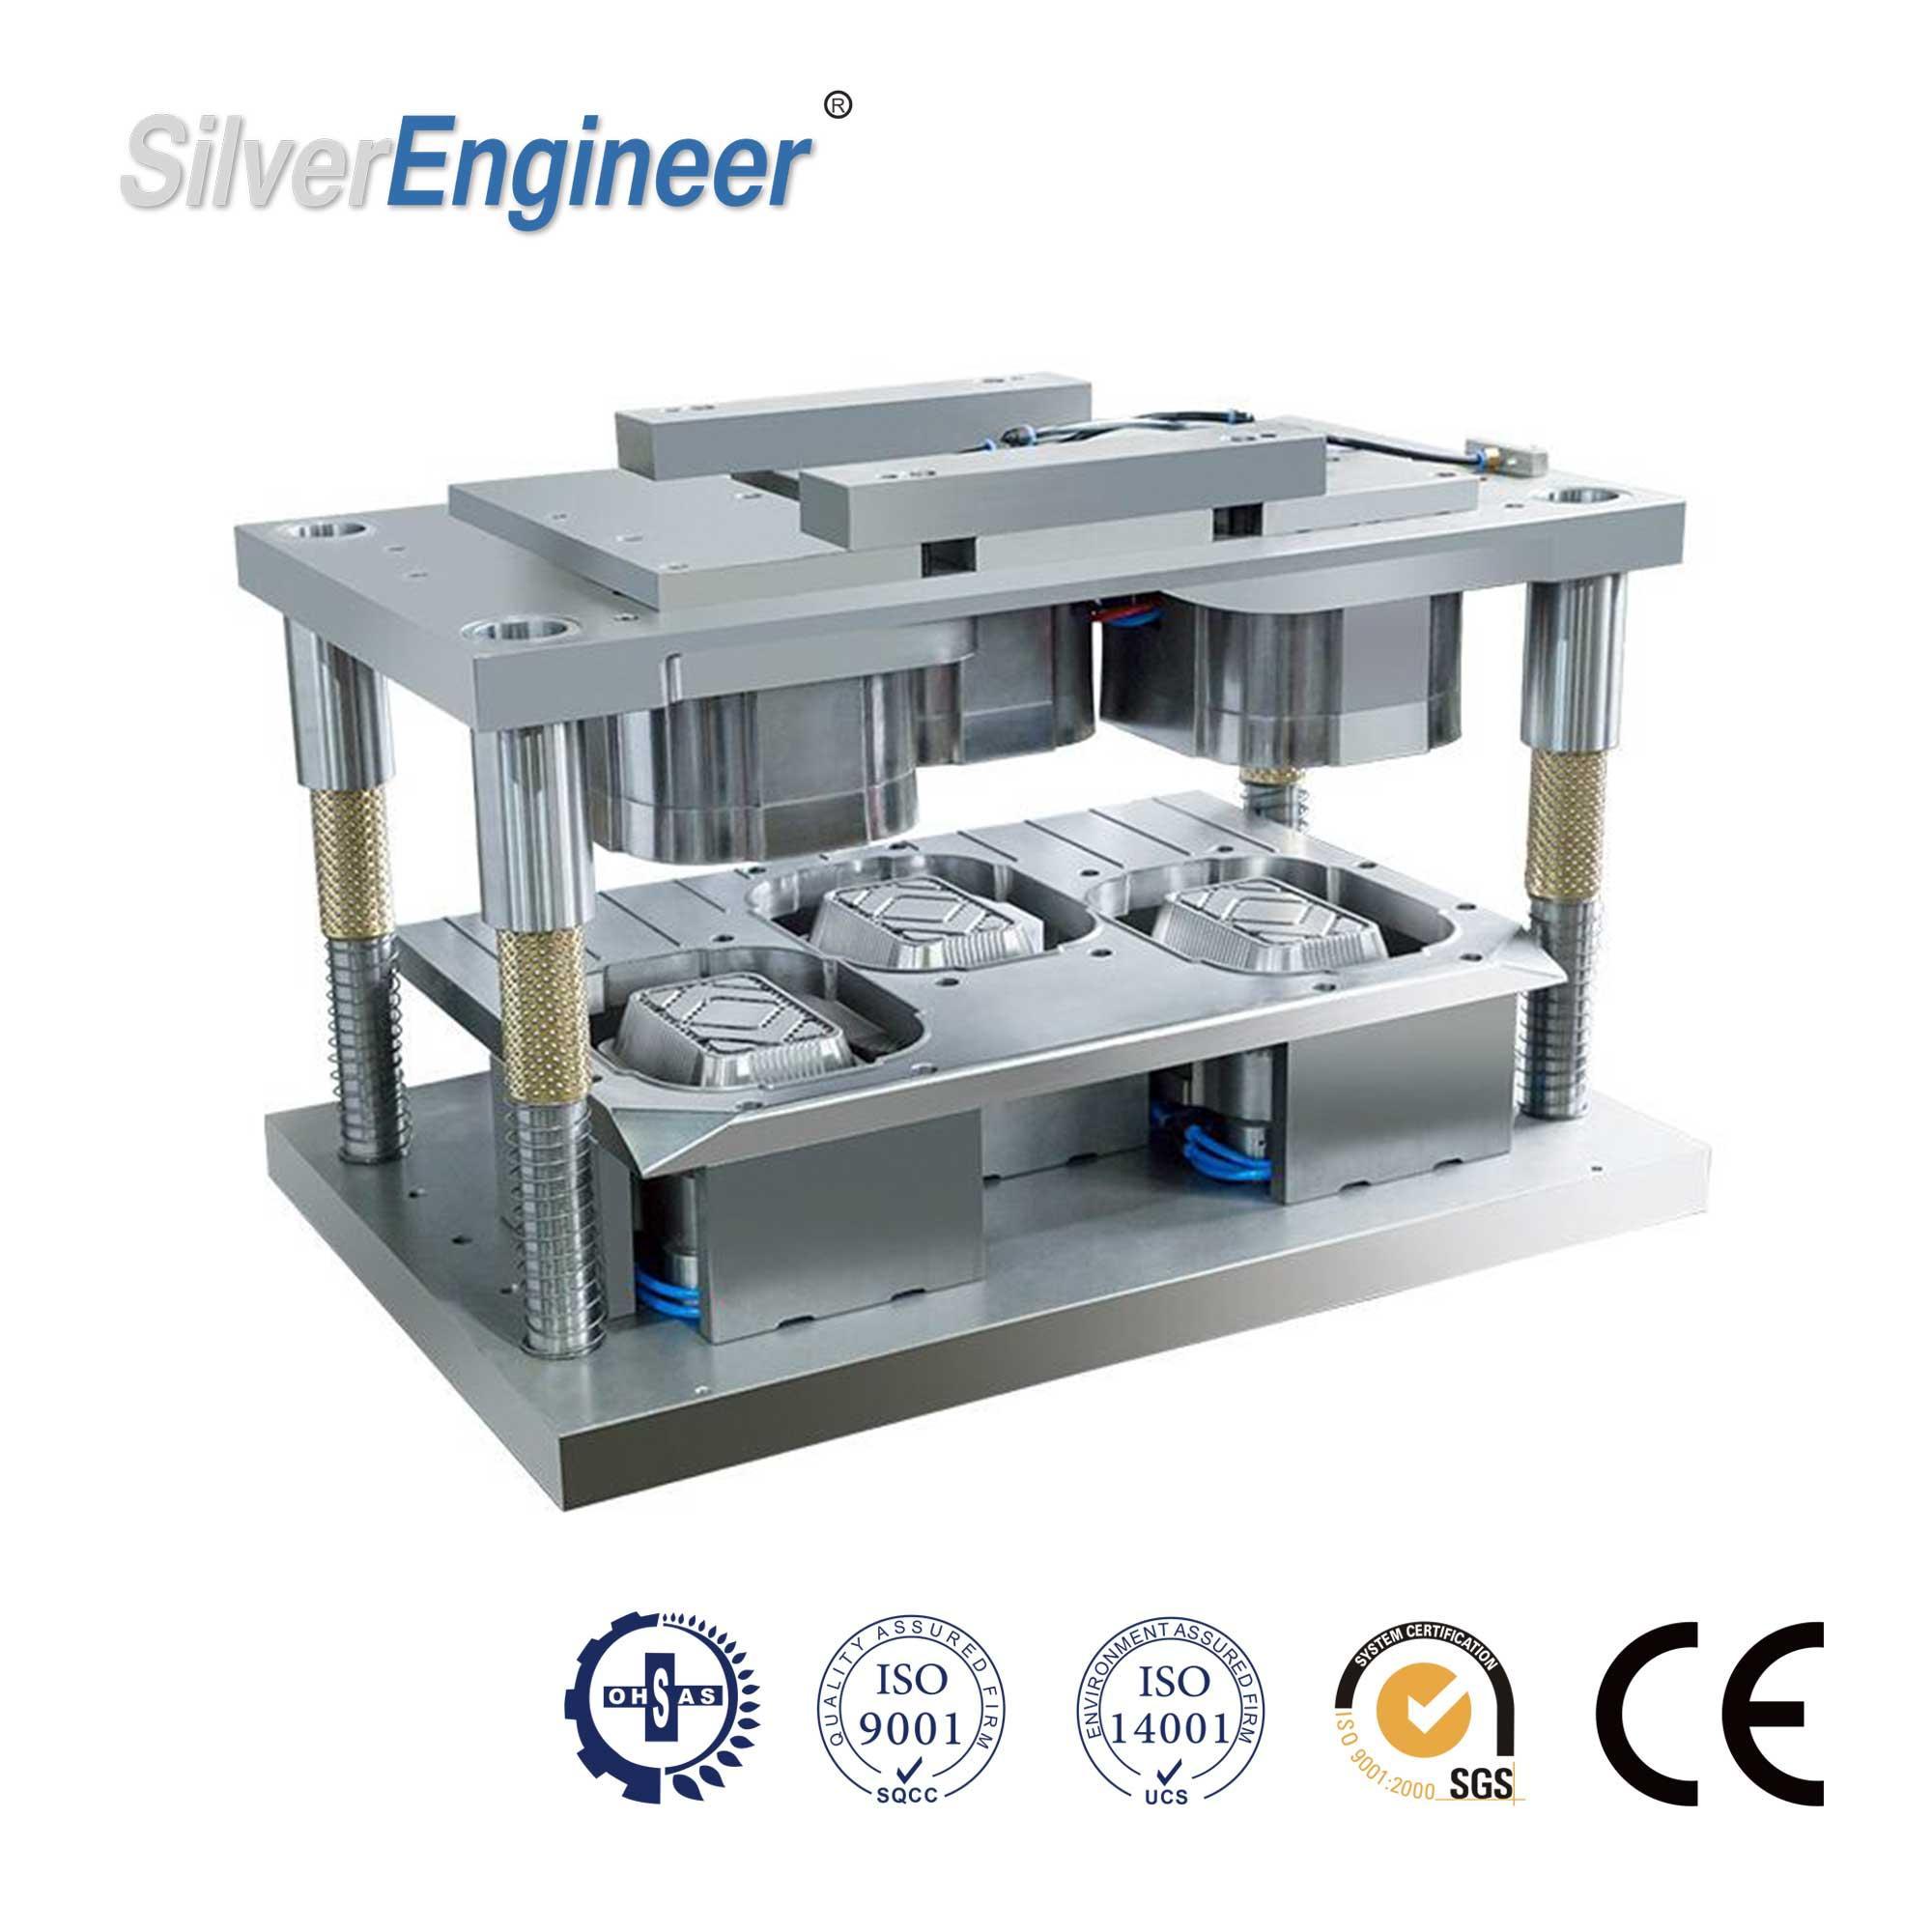 自動鋁箔錫紙餐盒容器生產線 14